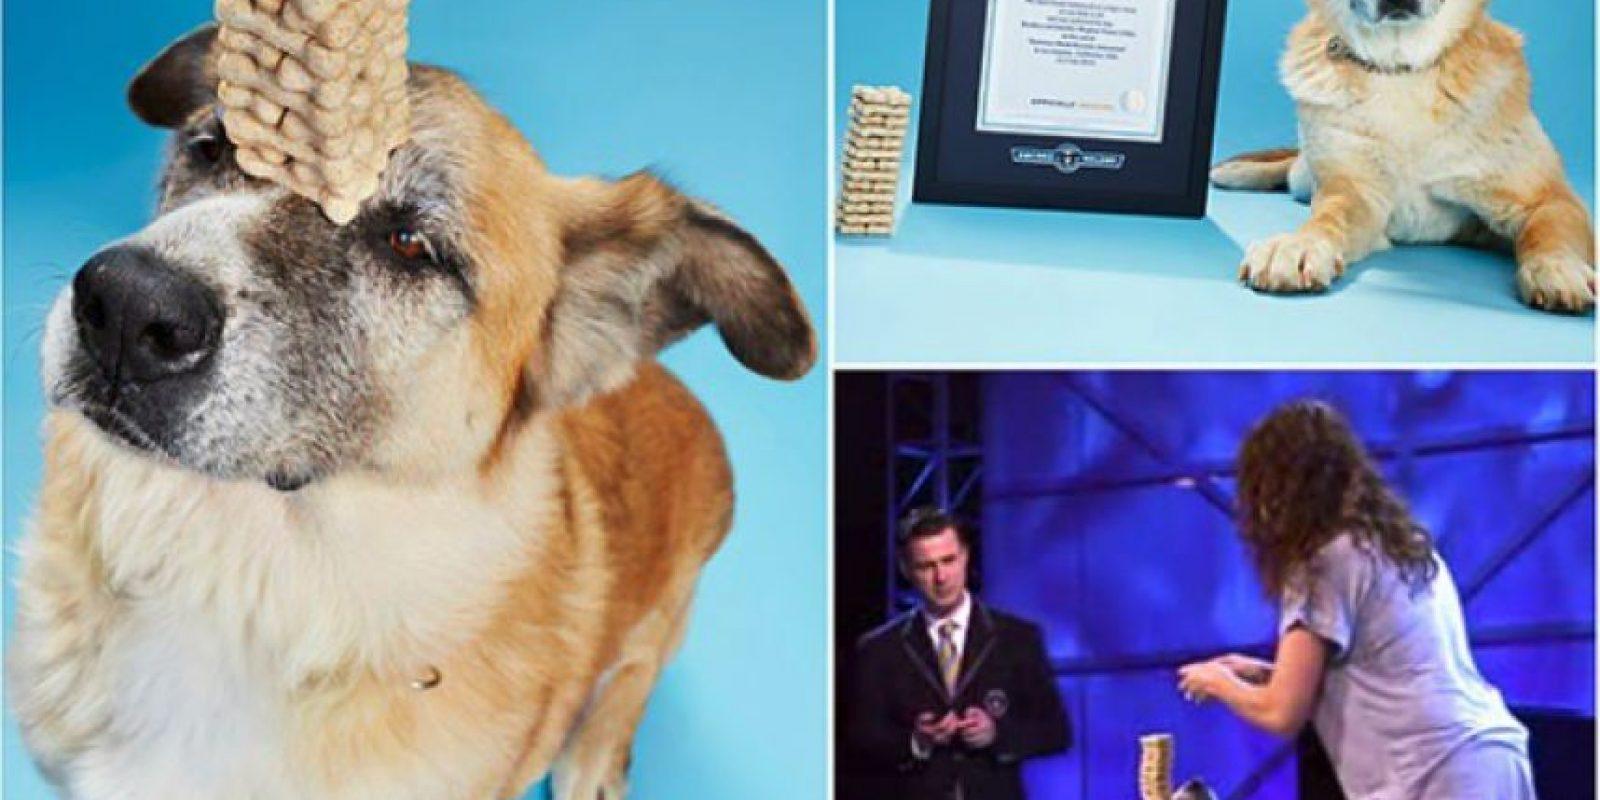 Este perro puede balancear una torre de galletas con su nariz Foto:Instagram/guinnessworldrecords